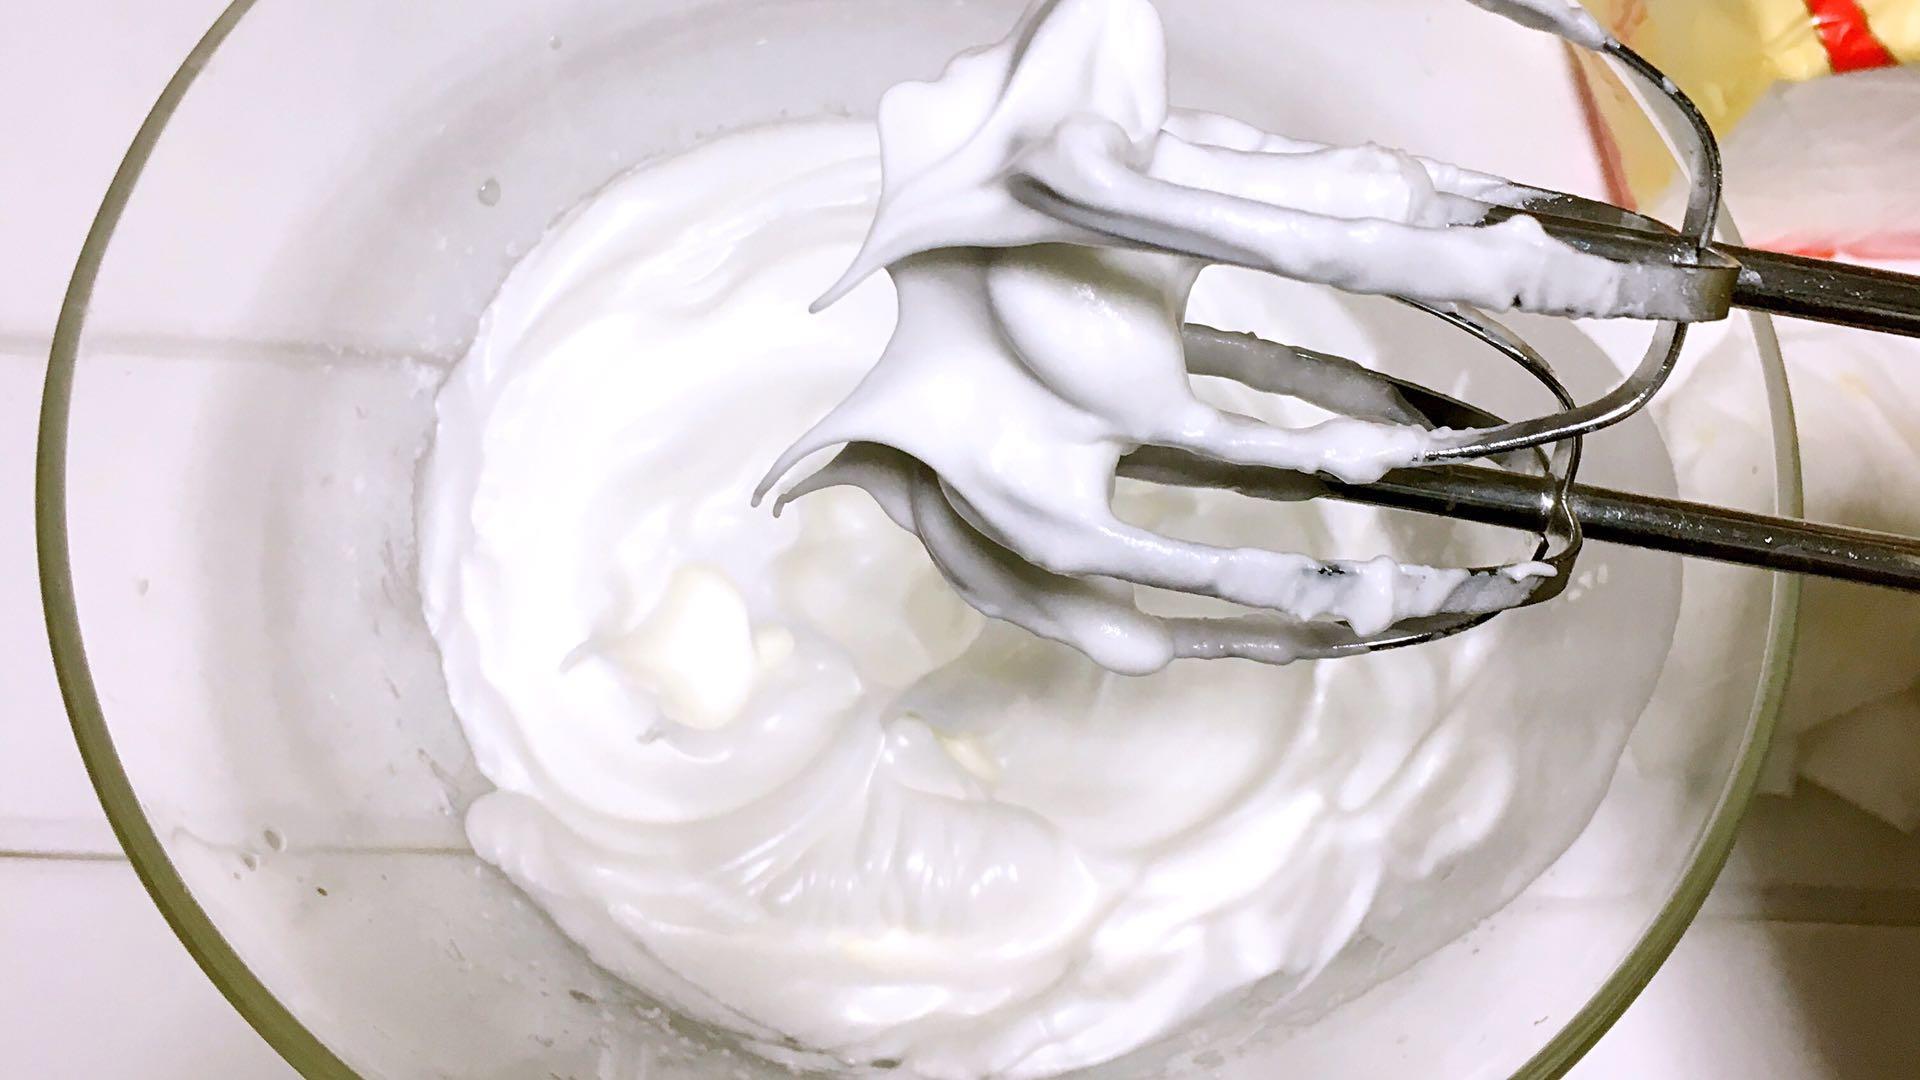 宝宝辅食之手指饼干,蛋清里滴入2滴白醋或柠檬汁,然后将30克糖粉三次加入,</p> <p>第一次加入白糖打发至粗泡鱼眼状,</p> <p>第二次加入白糖后打发至湿性发泡,(打蛋器上可以拉出小弯钩,即为湿性发泡;)。</p> <p>第三次加入白糖后打发至提起打蛋器时有小尖峰(蛋白打至湿性发泡时,继续用电动打蛋器搅拌,直至出现打蛋端朝上,蛋白都不会滴落、弯曲(如上图),即为干性发泡;)